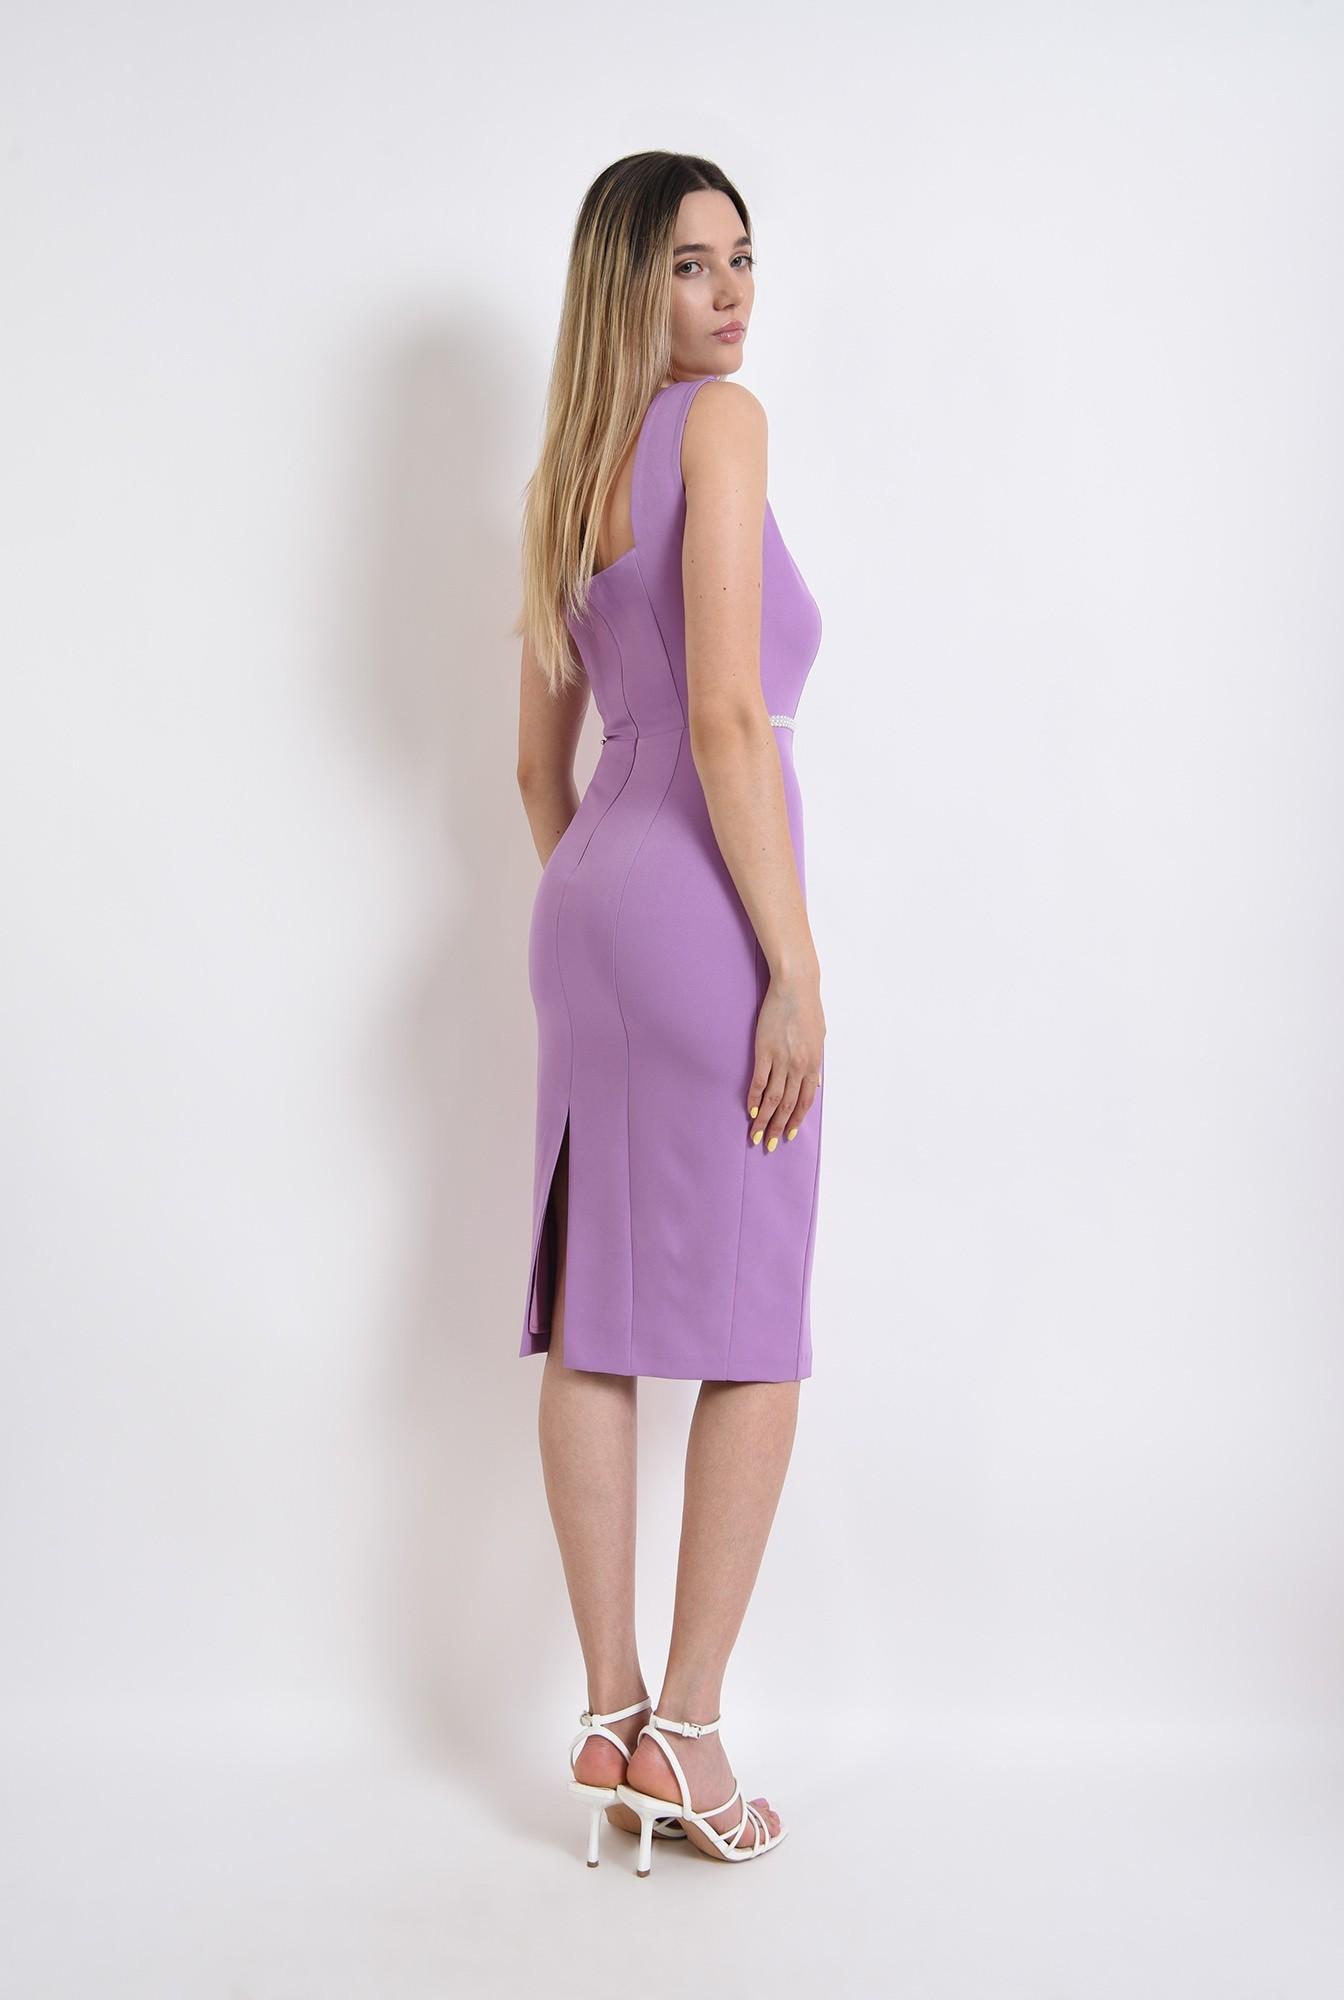 1 - rochie midi, eleganta, lila, aplicatie la talie